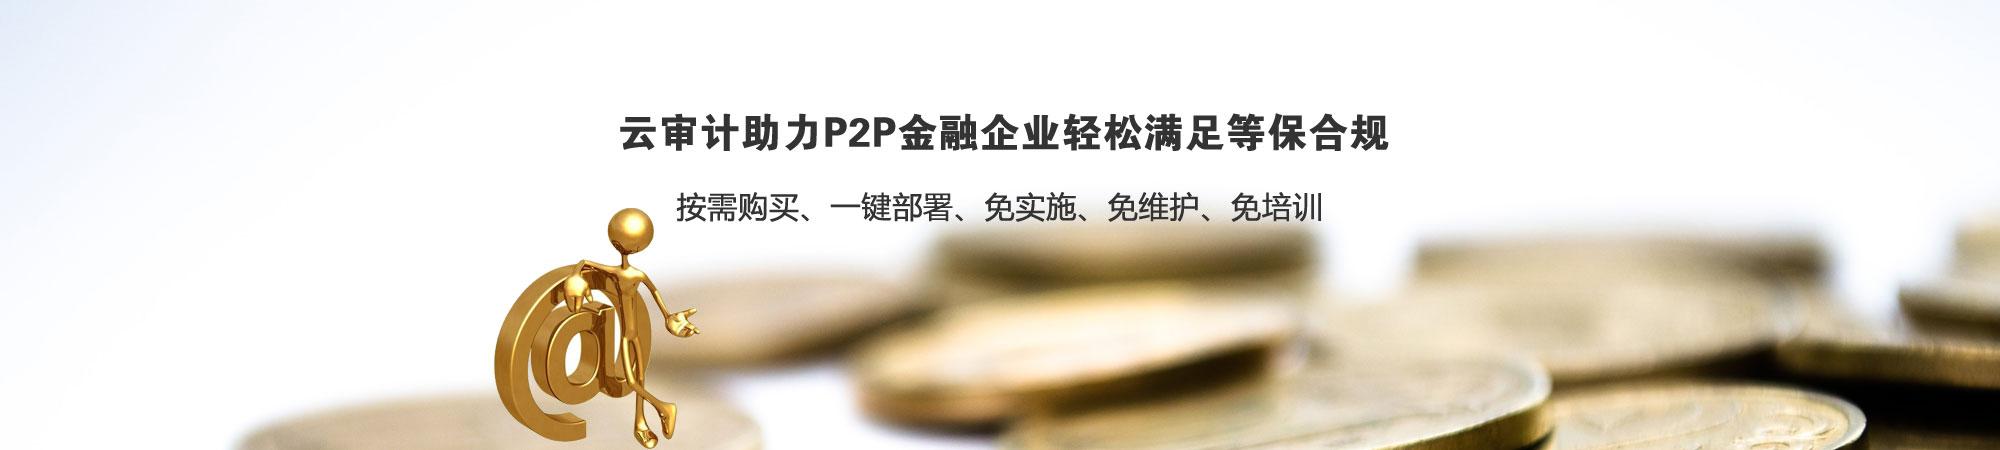 云审计助力P2P金融企业轻松满足等保合规